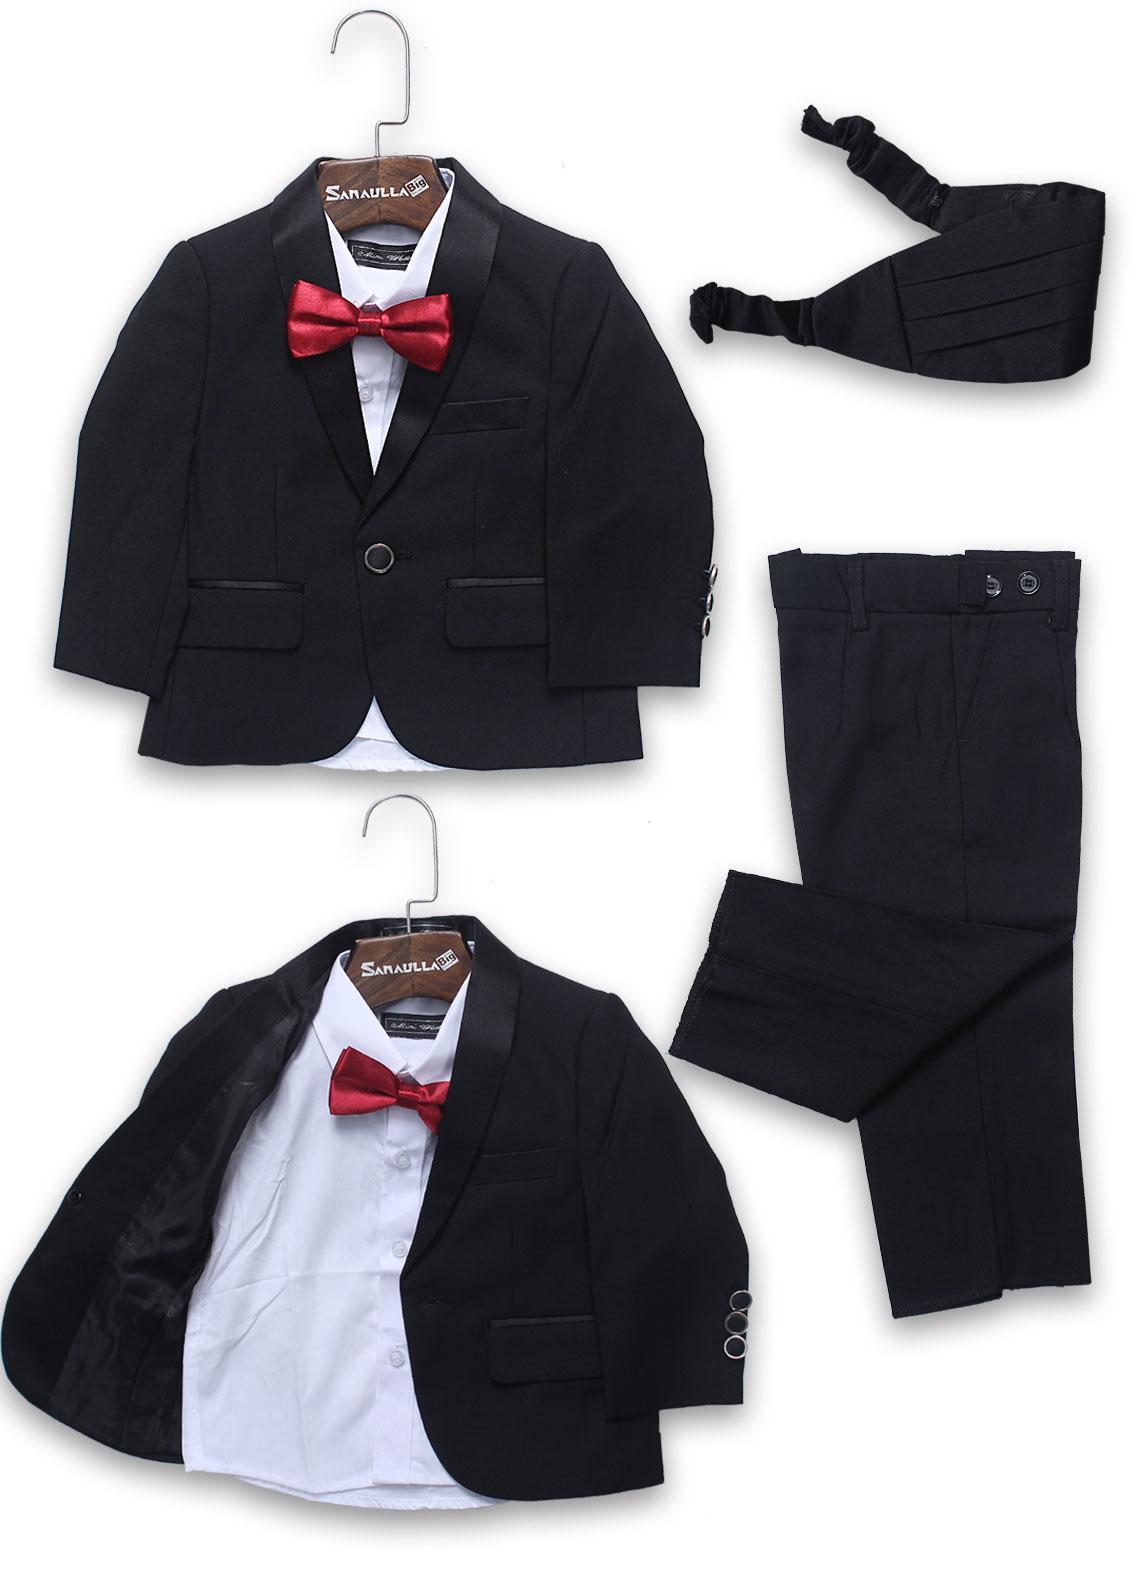 Sanaulla Exclusive Range Cotton Formal Coat Suit for Boys -  A1125 Black